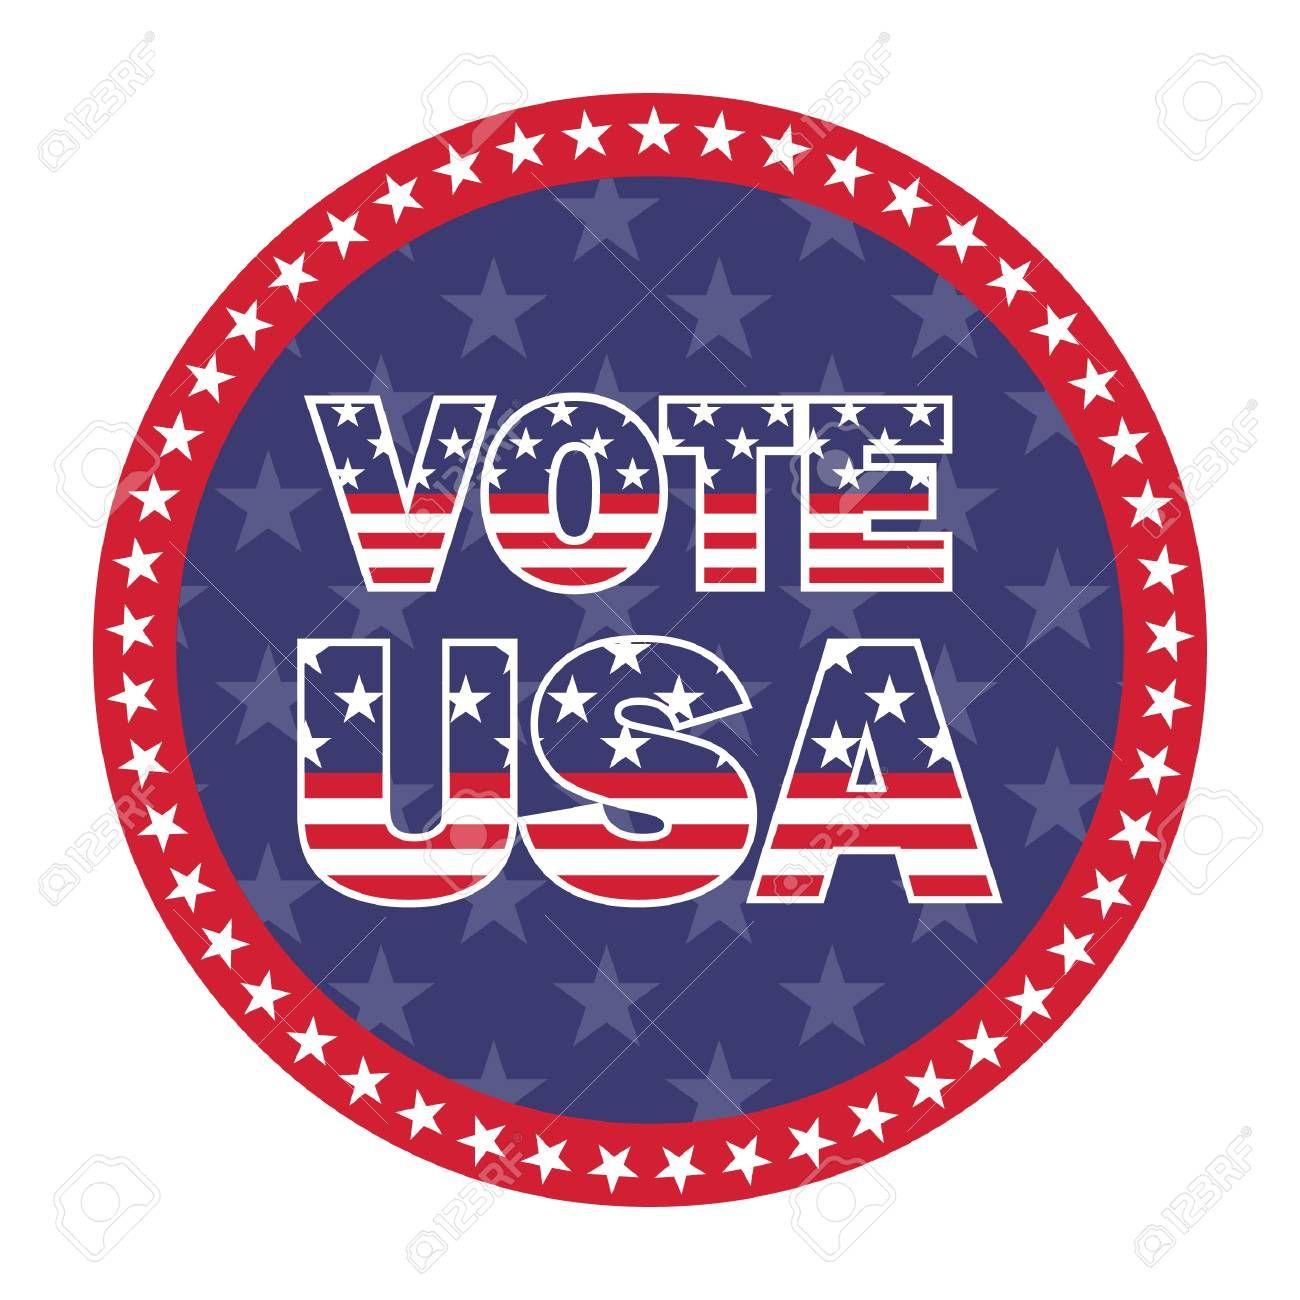 Us Vote Sticker Aff Vote Sticker In 2020 Vote Sticker King Logo Burger King Logo